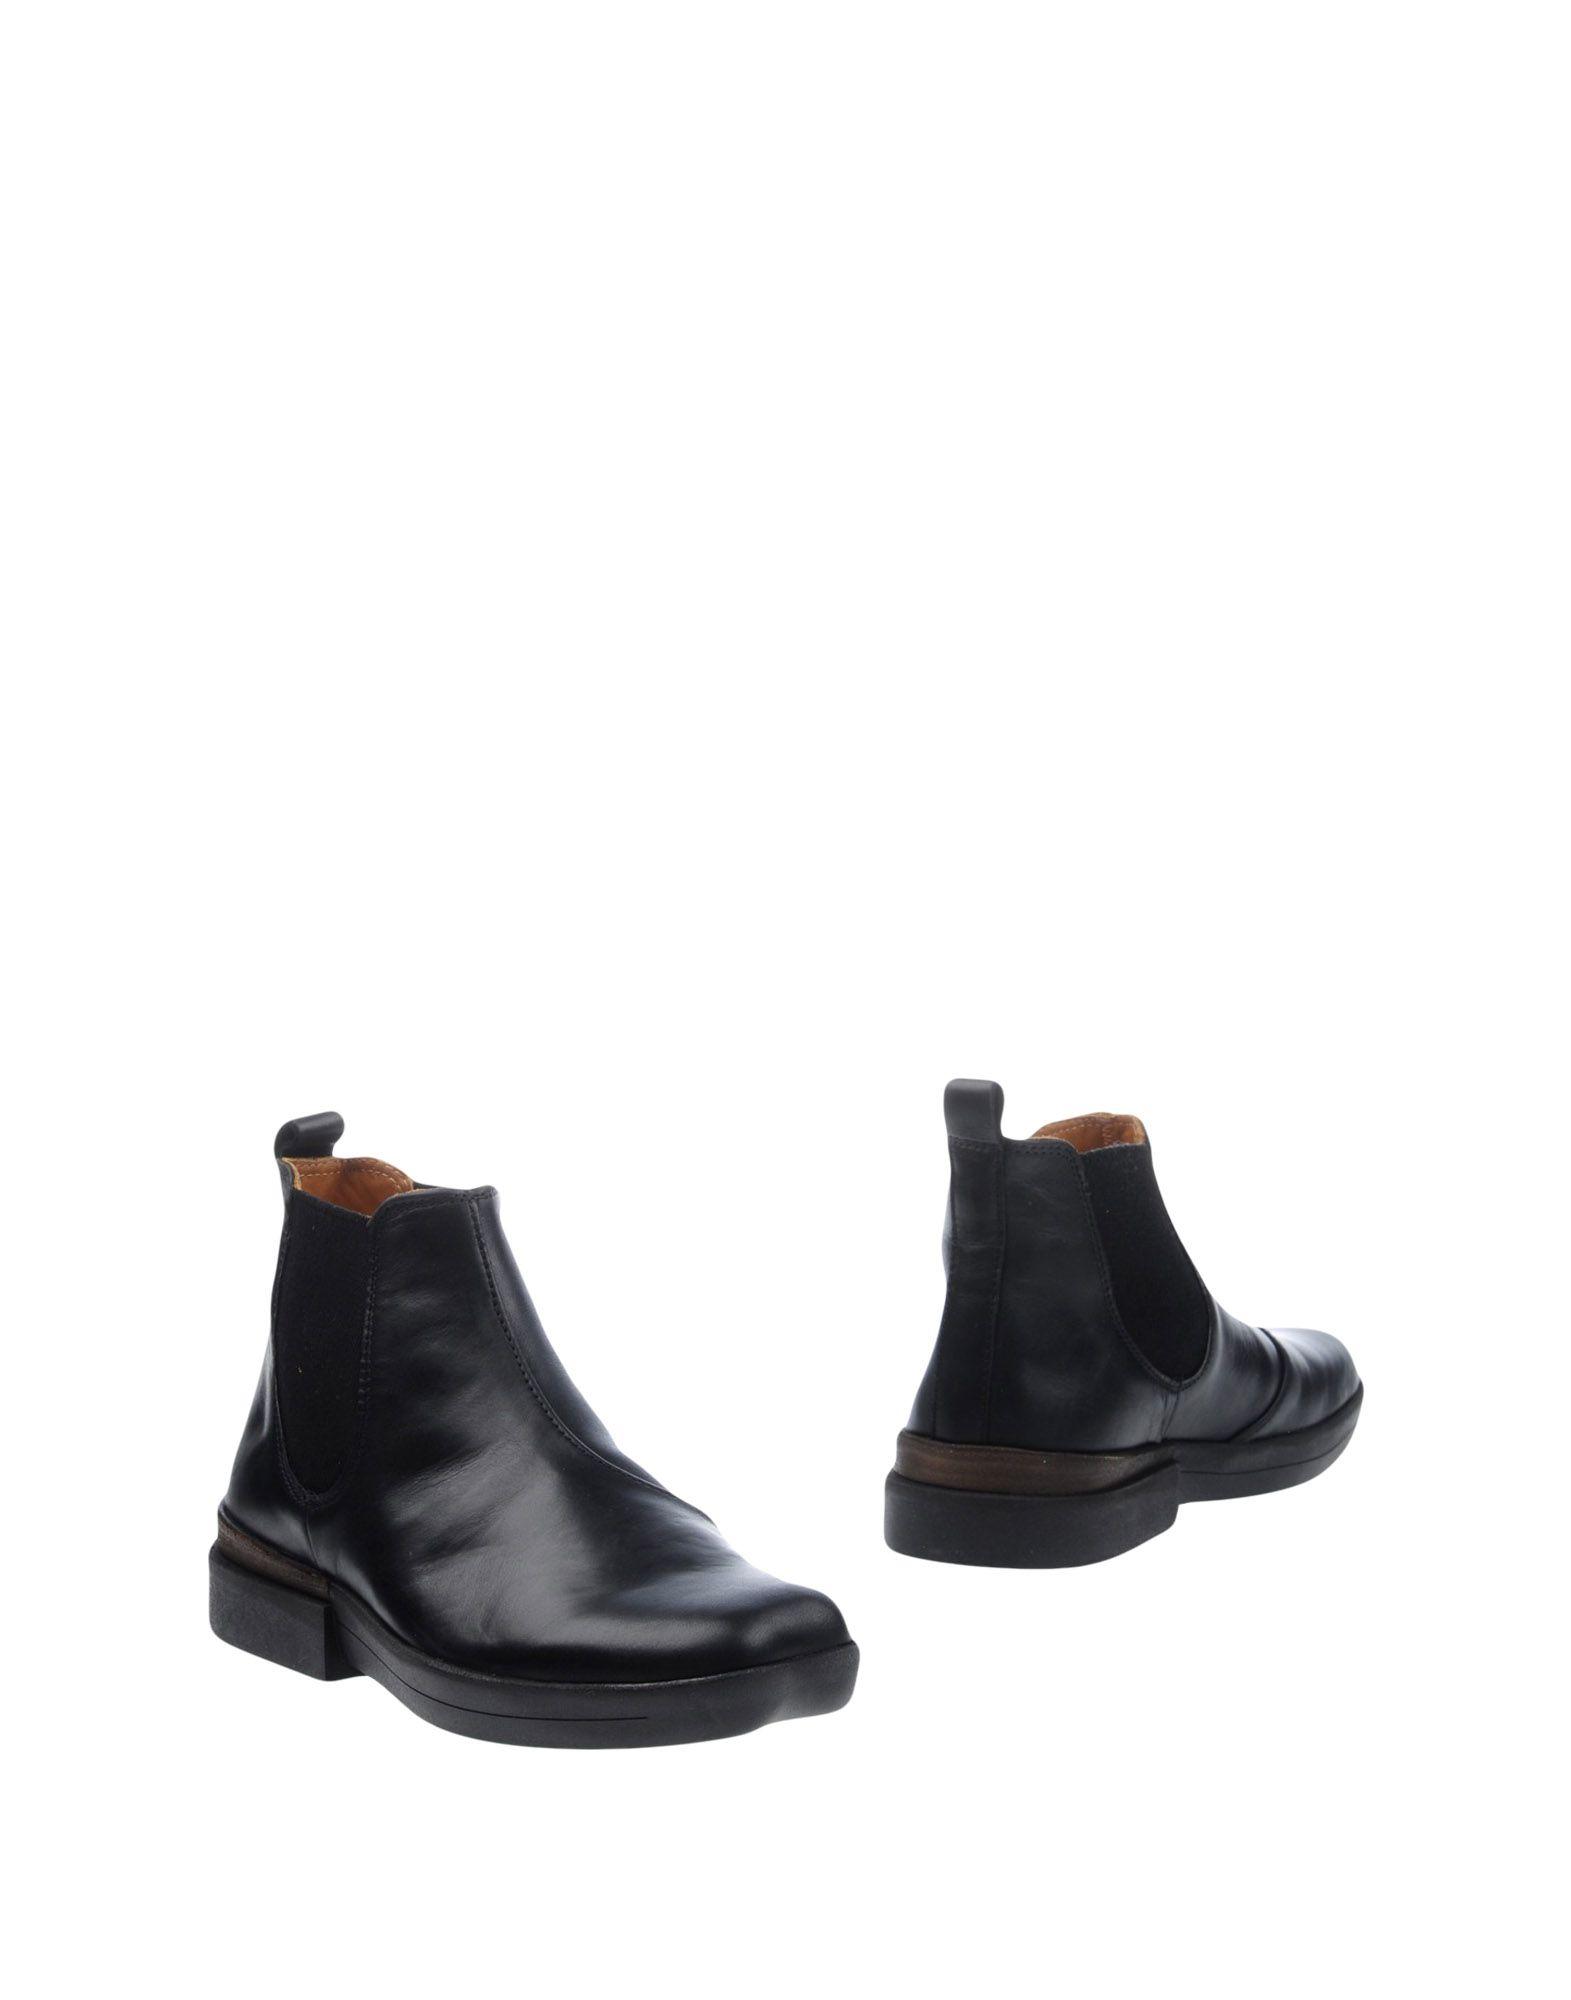 TRACEY NEULS Полусапоги и высокие ботинки купить футбольную форму челси торрес